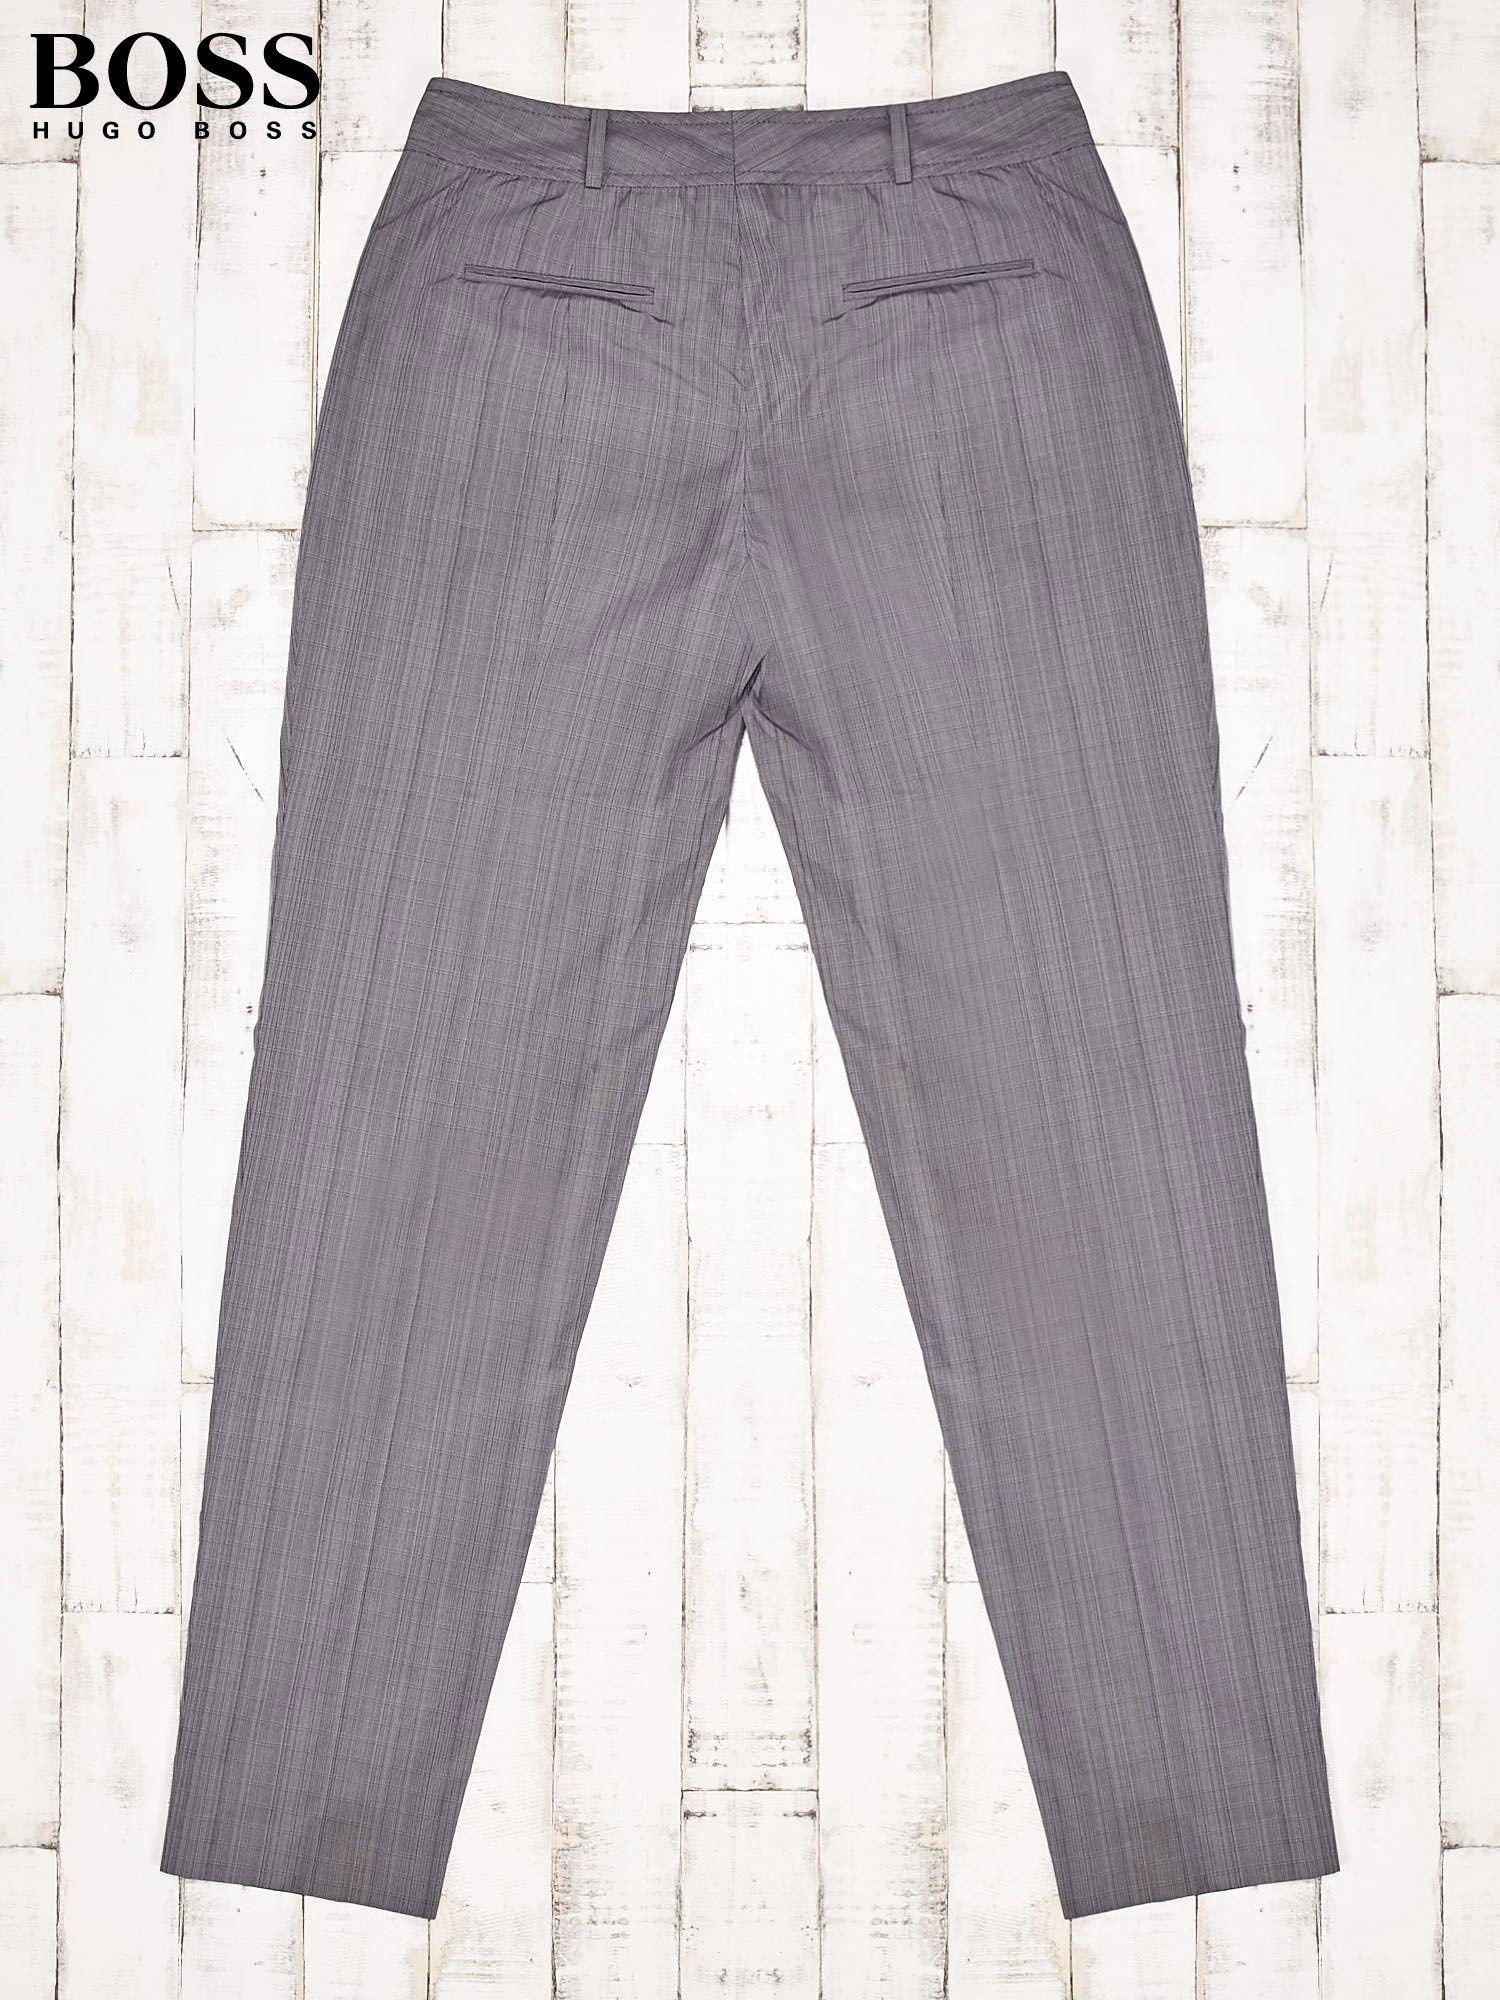 4490bfdbf68c3 HUGO BOSS Szare eleganckie spodnie męskie - Mężczyźni Spodnie z ...